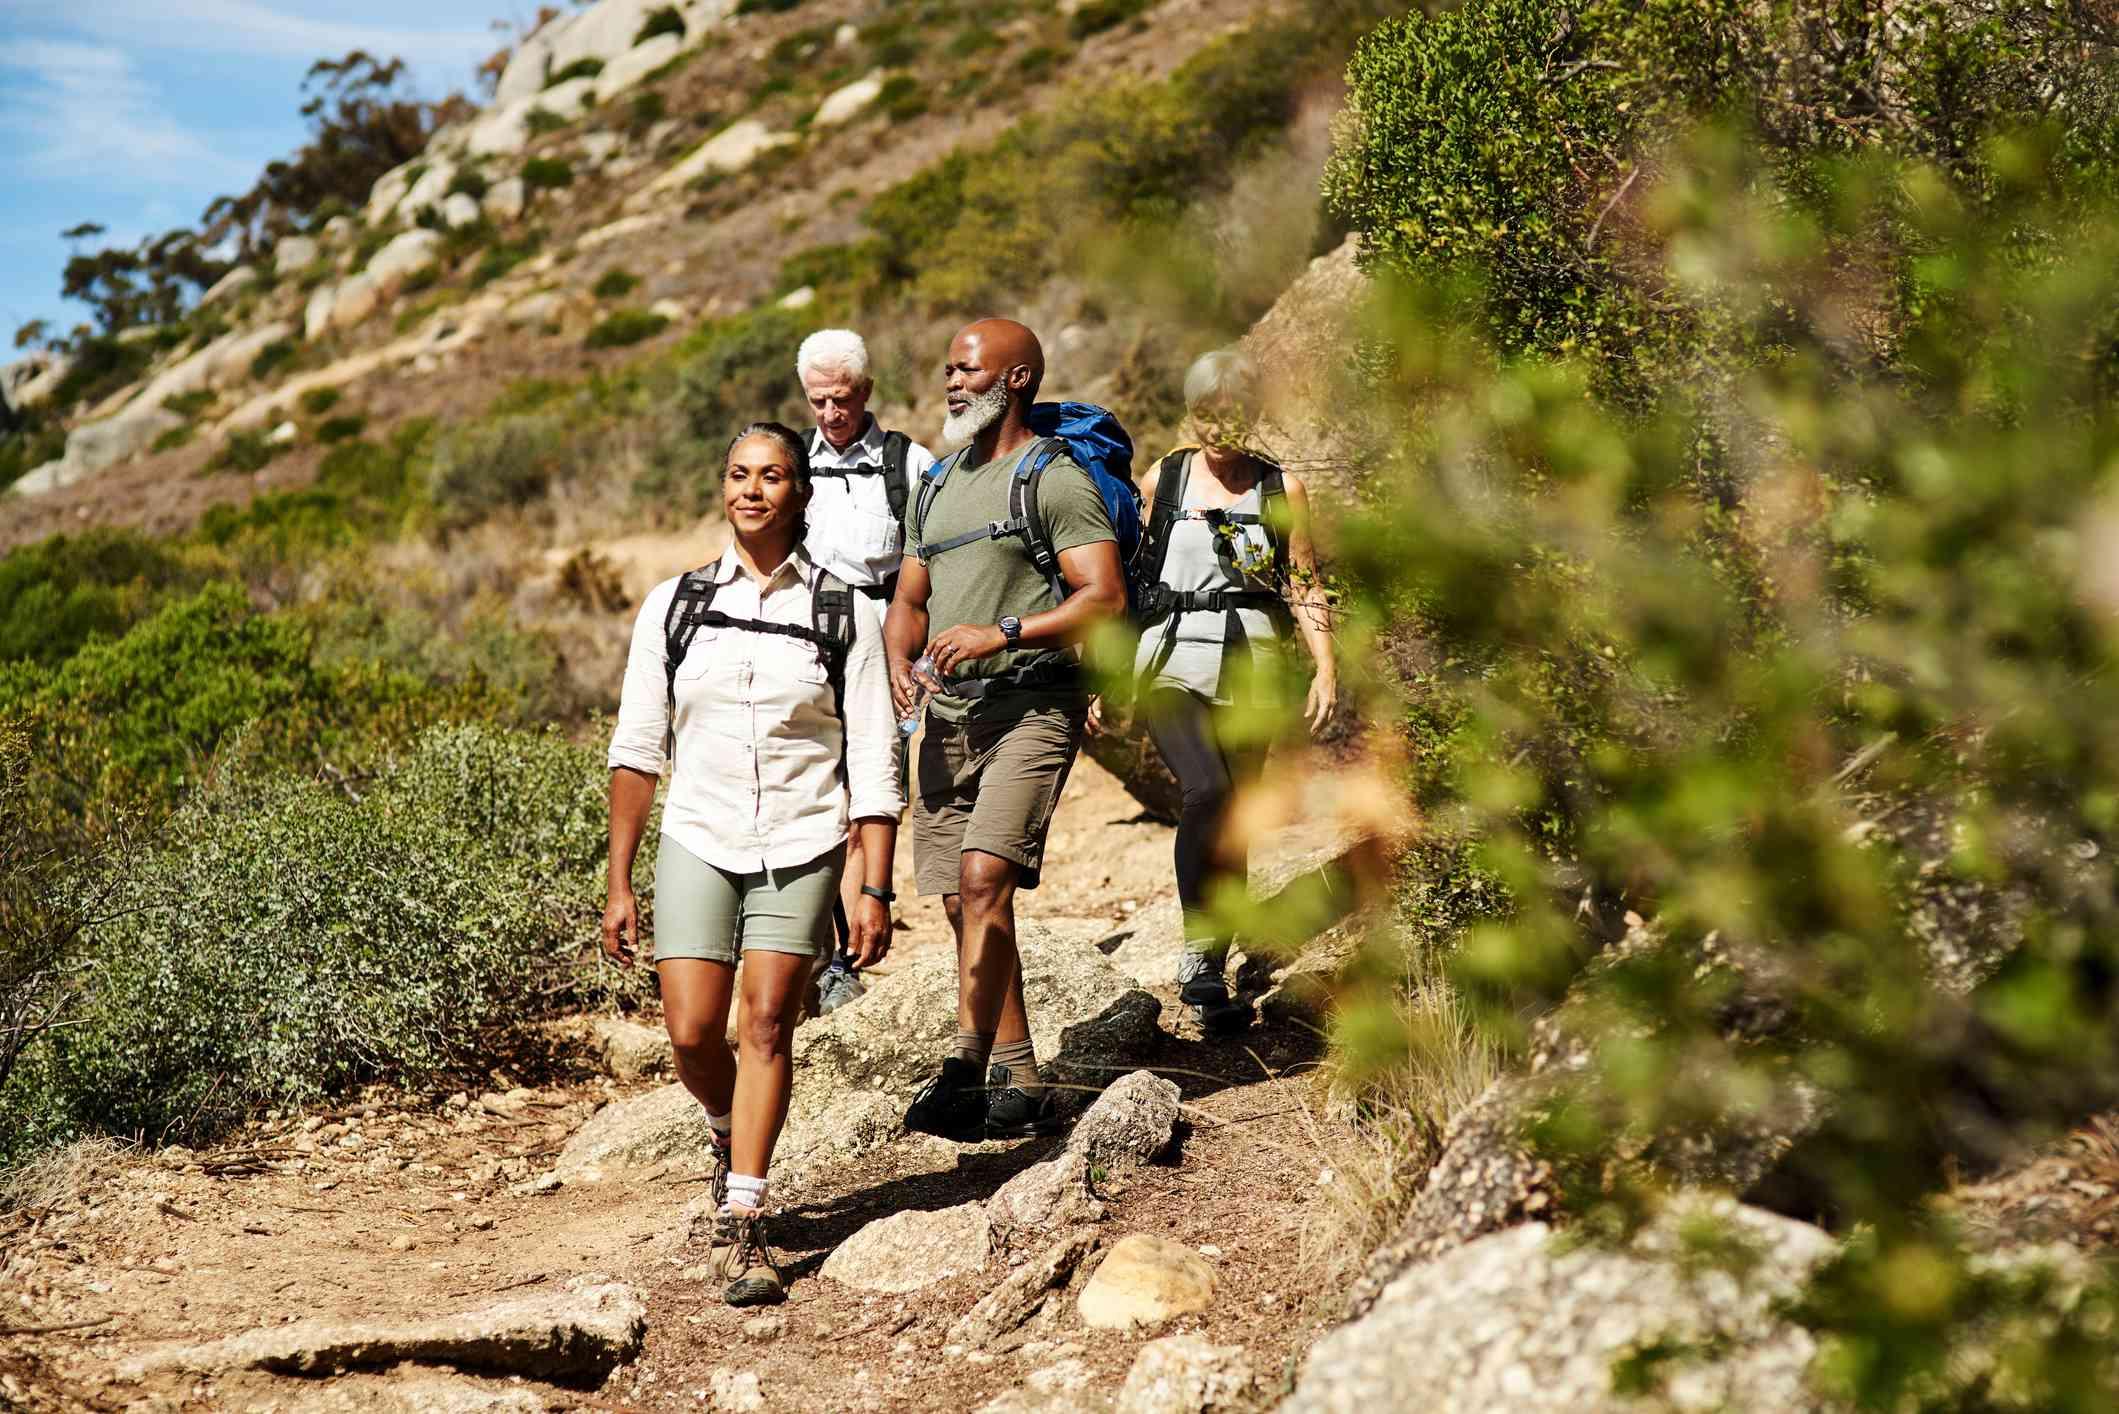 Excursionistas por un sendero en Sudáfrica